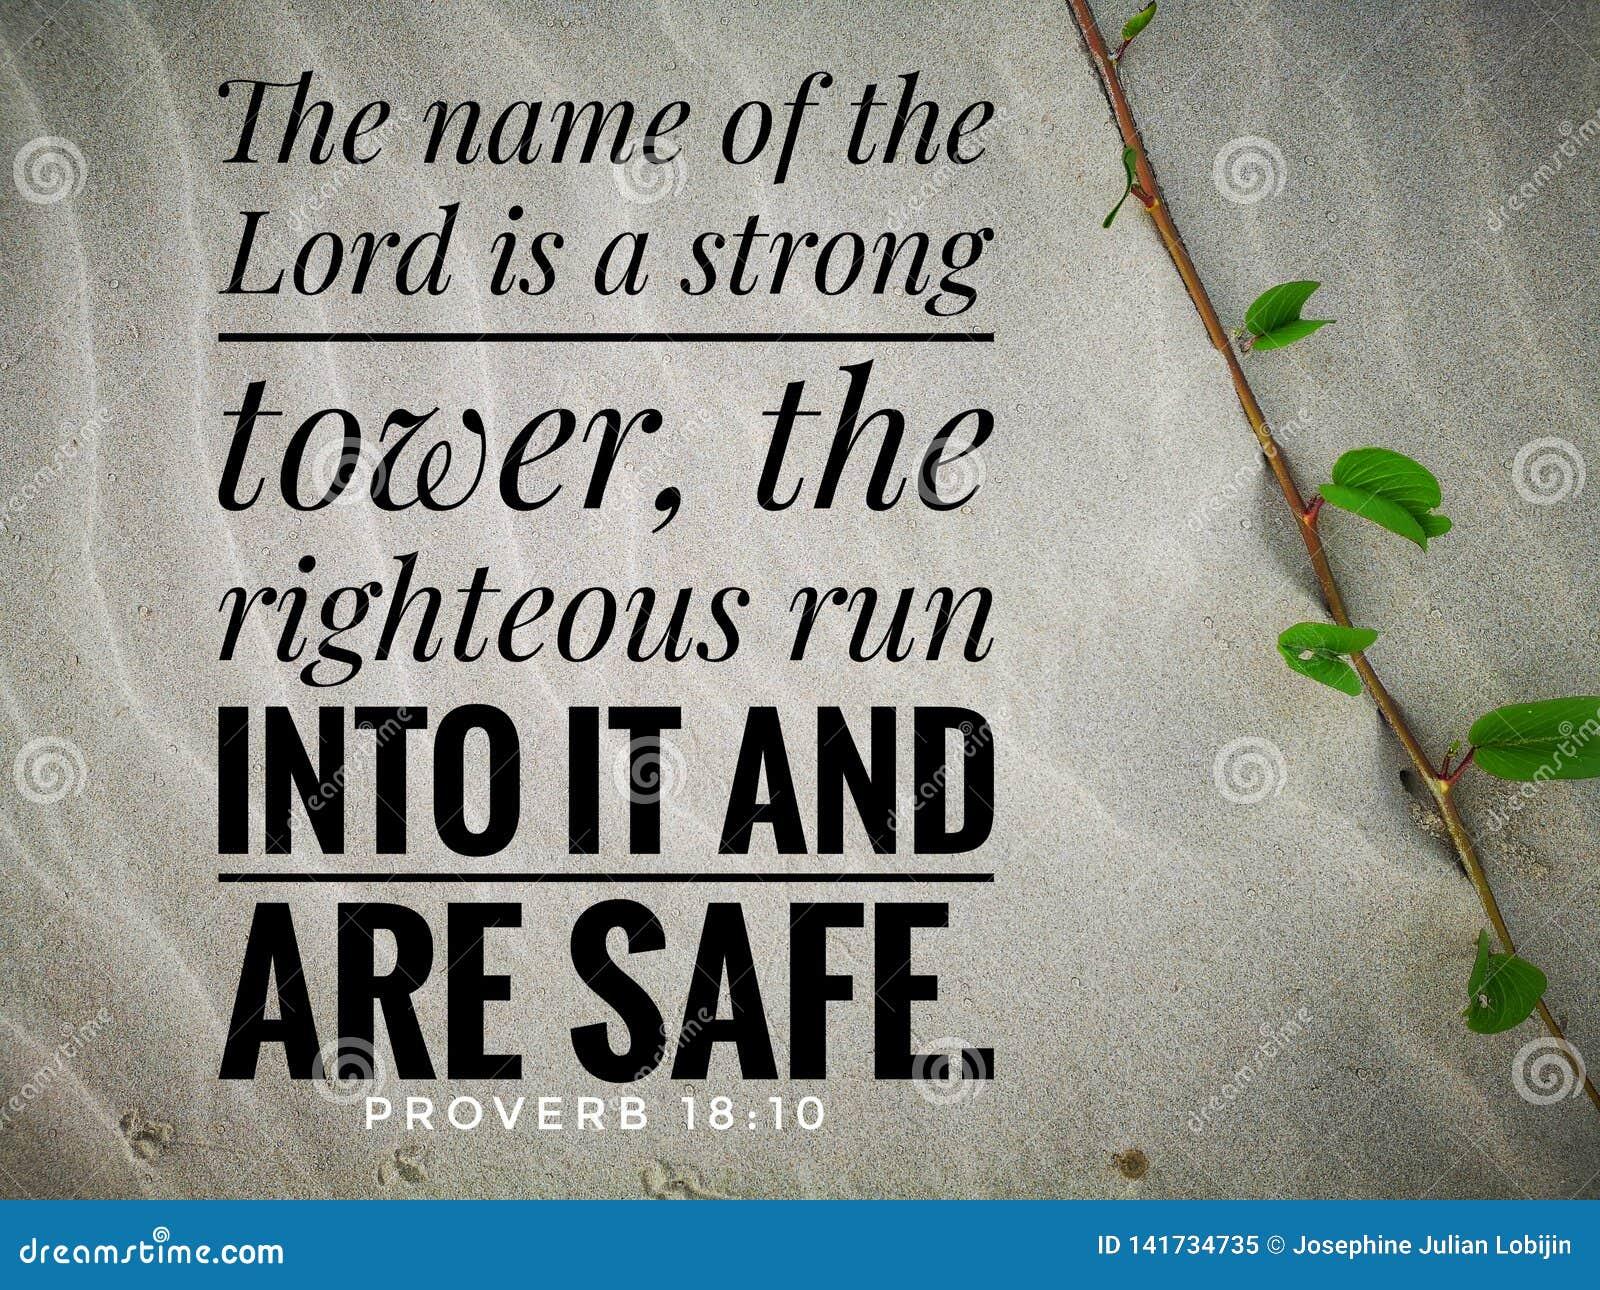 Der Name von Lord ist vom Bibelversentwurf für Christentum ein starkes